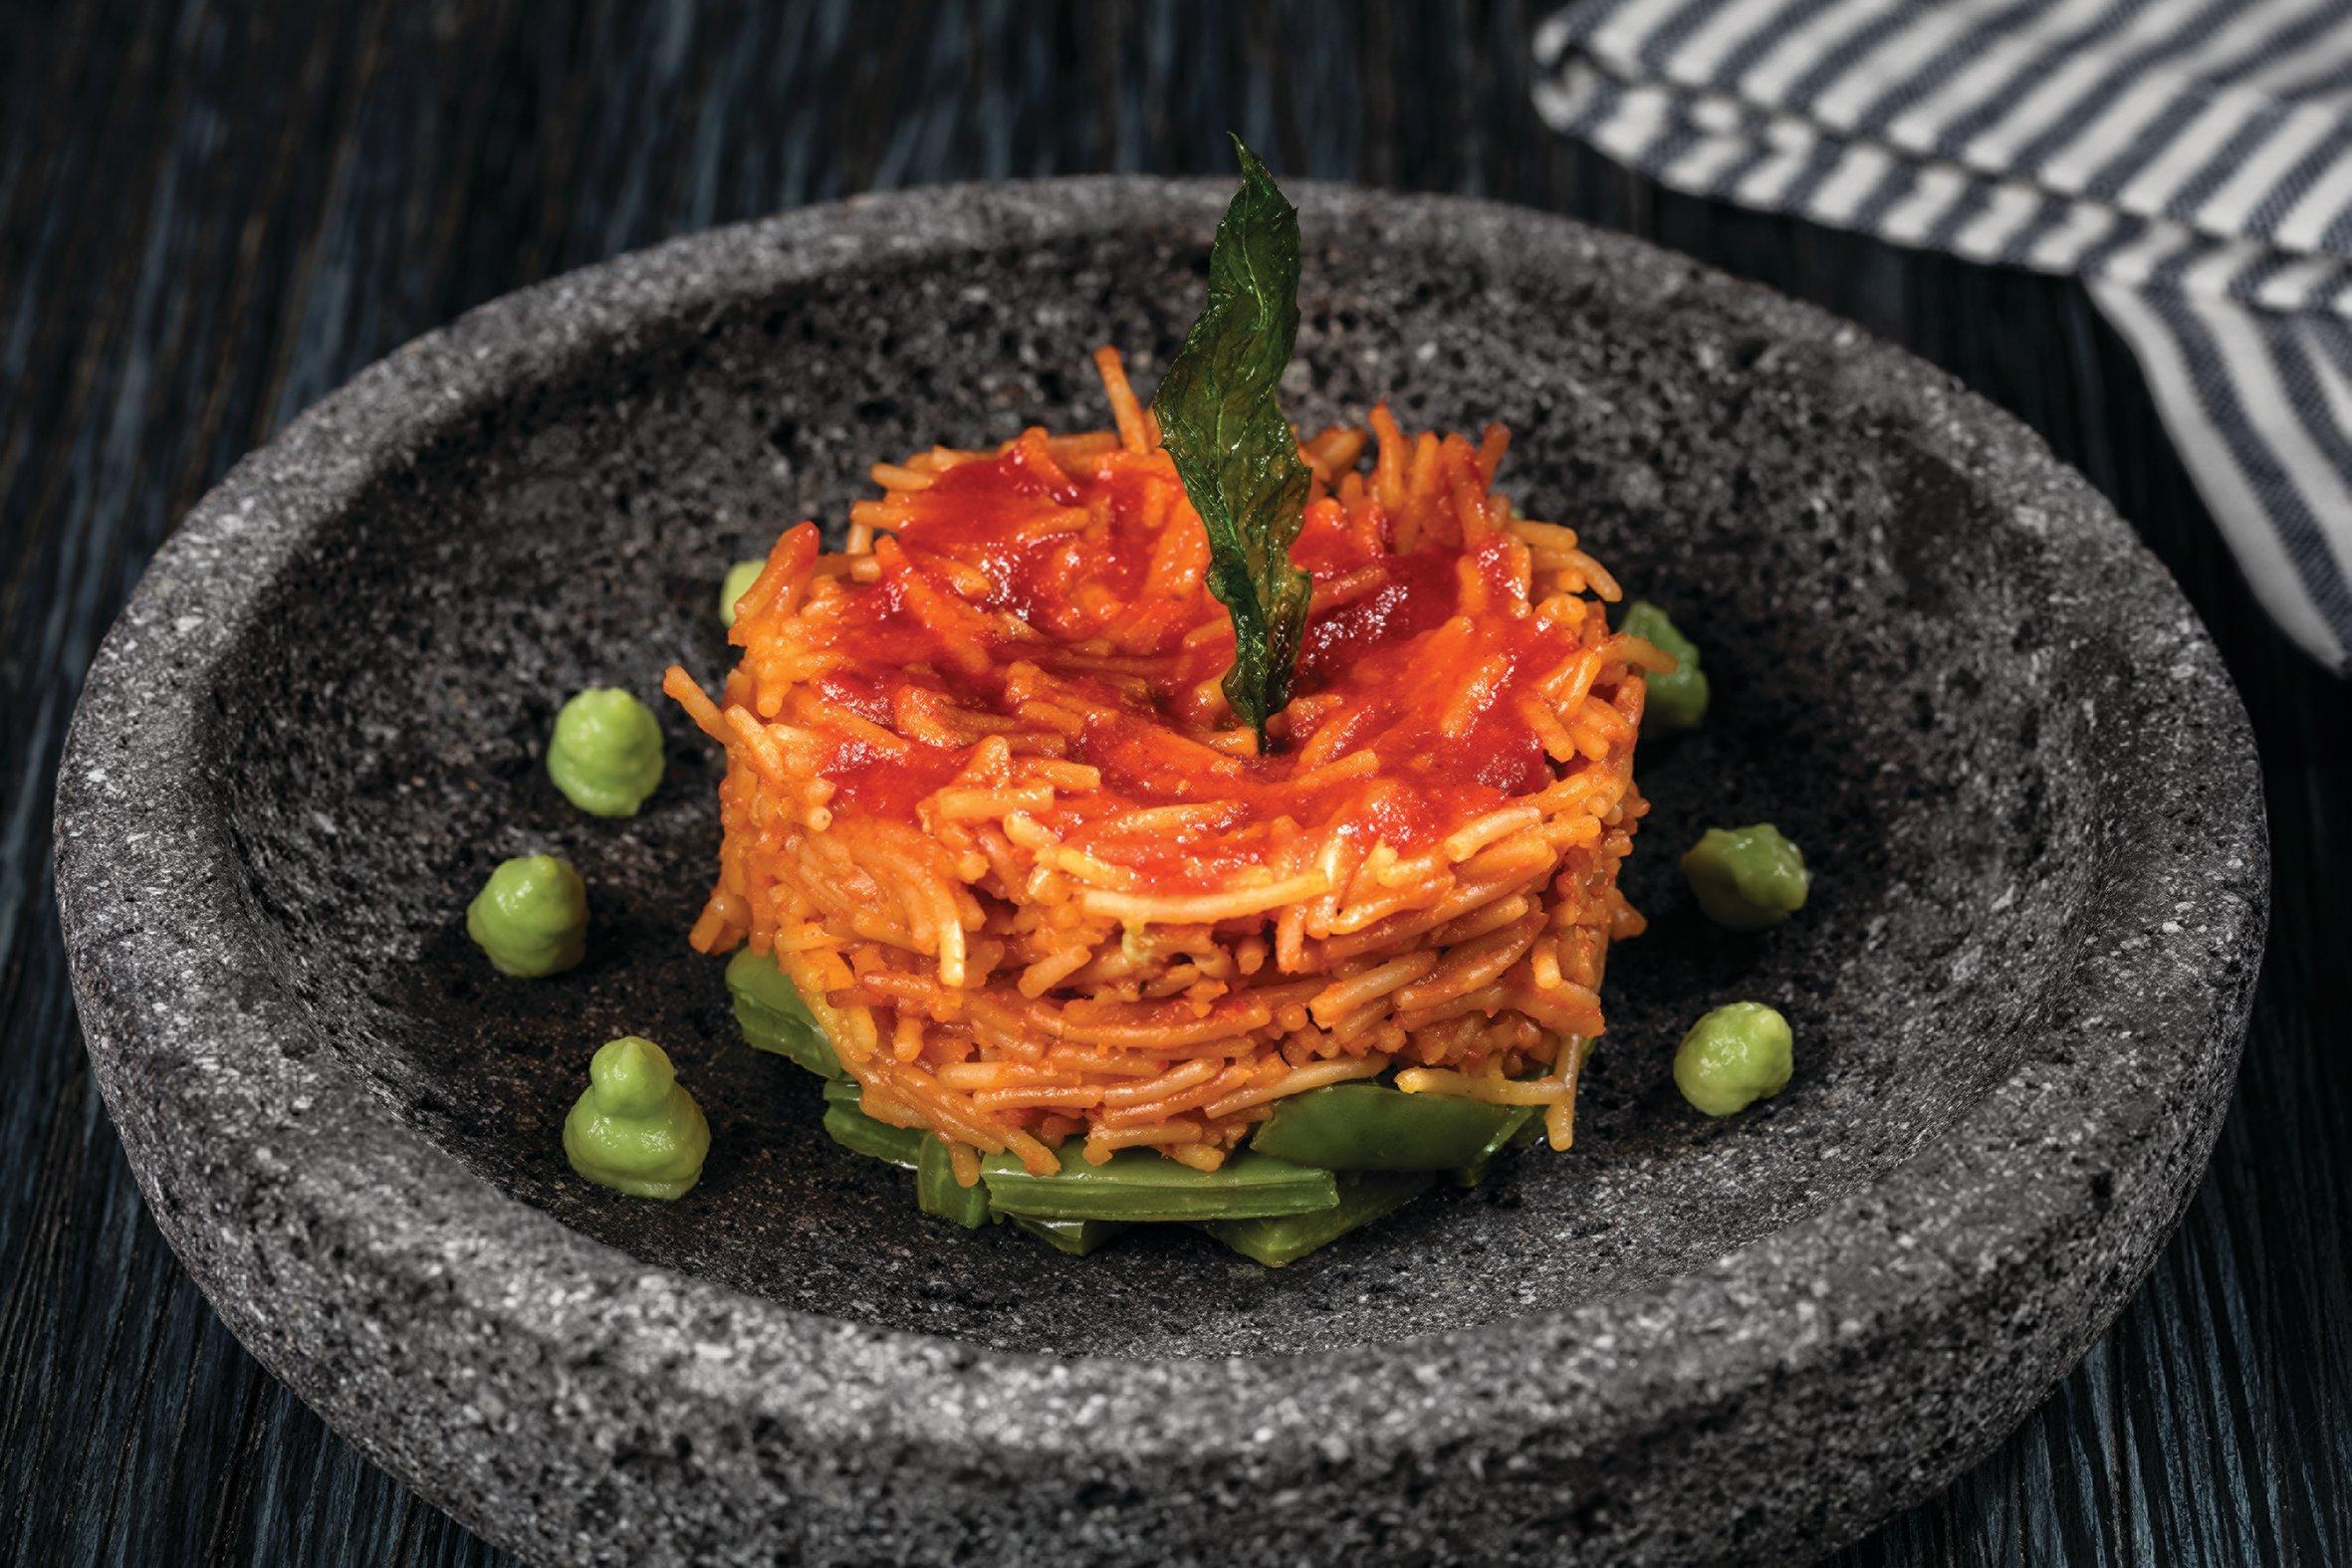 Knorr® Base de Tomate 500 g - Knorr por su proceso de deshidratación ofrece la naturalidad de sabor y color de un jitomate.